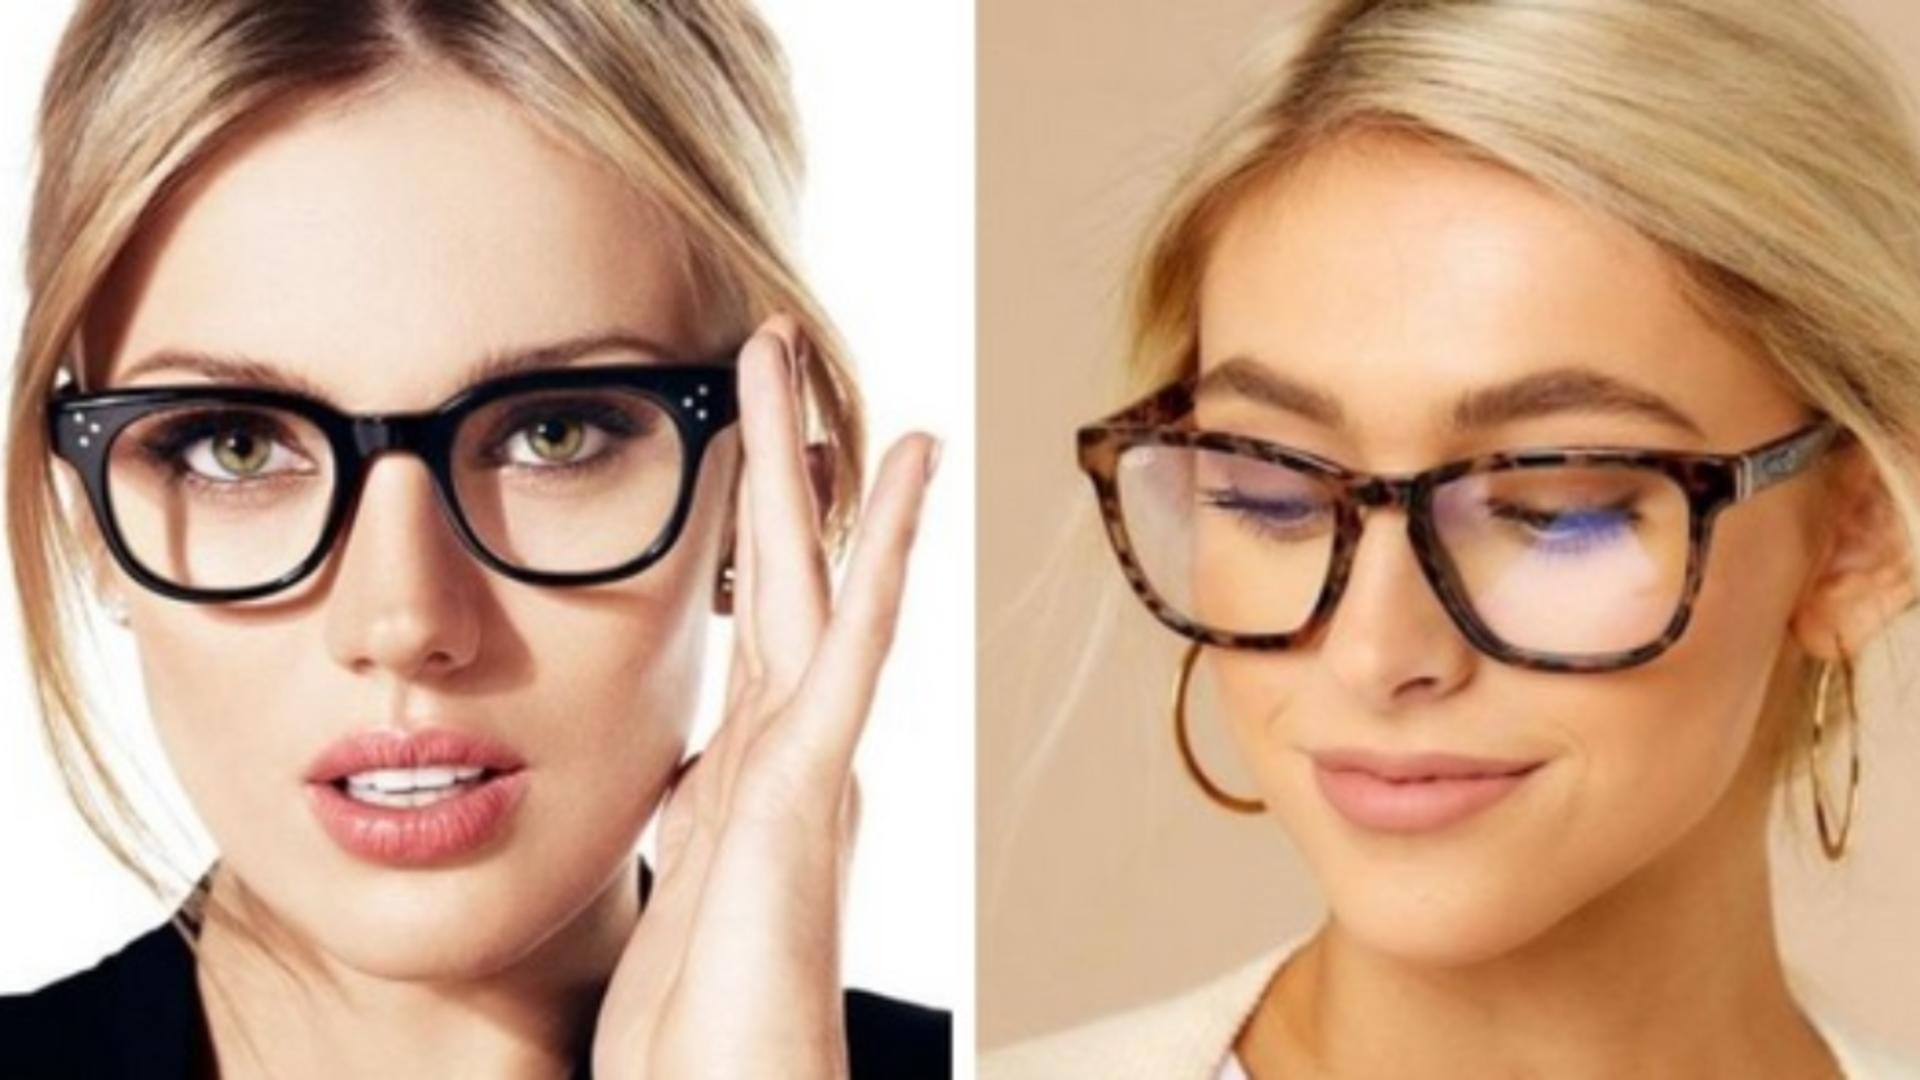 Machiajul din spatele lentilelor: 10 reguli pentru cei care poartă ochelari